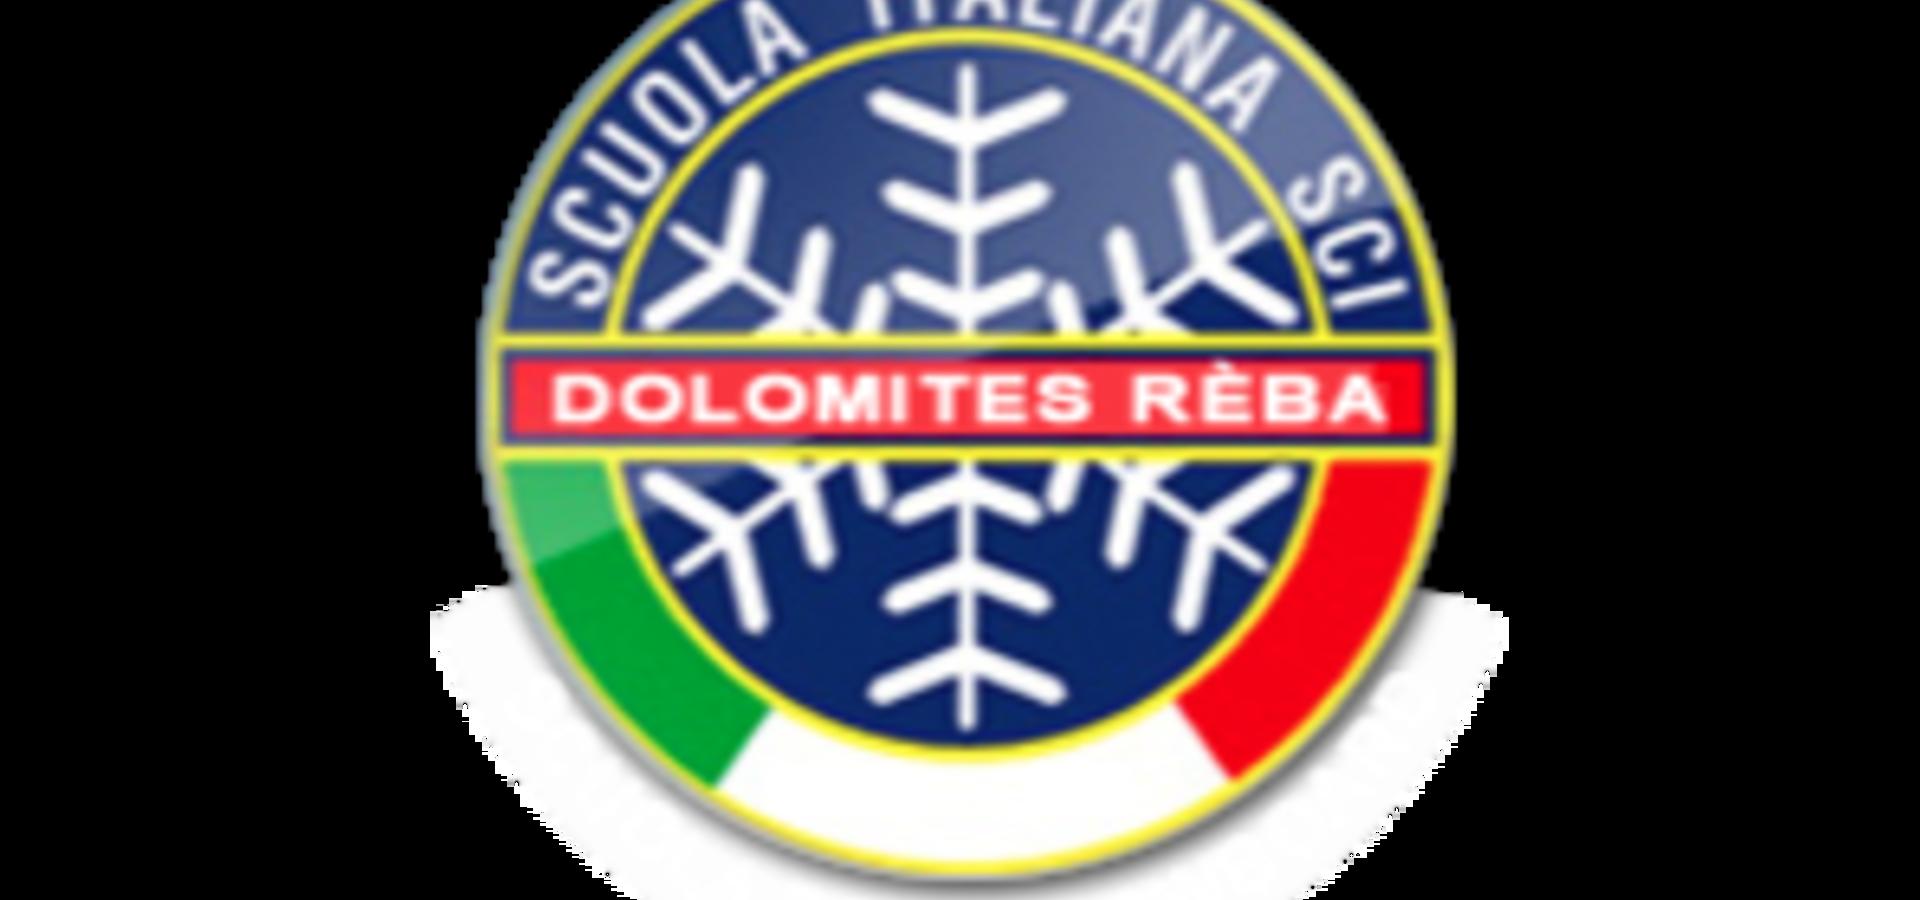 Ski Schule Dolomites Reba